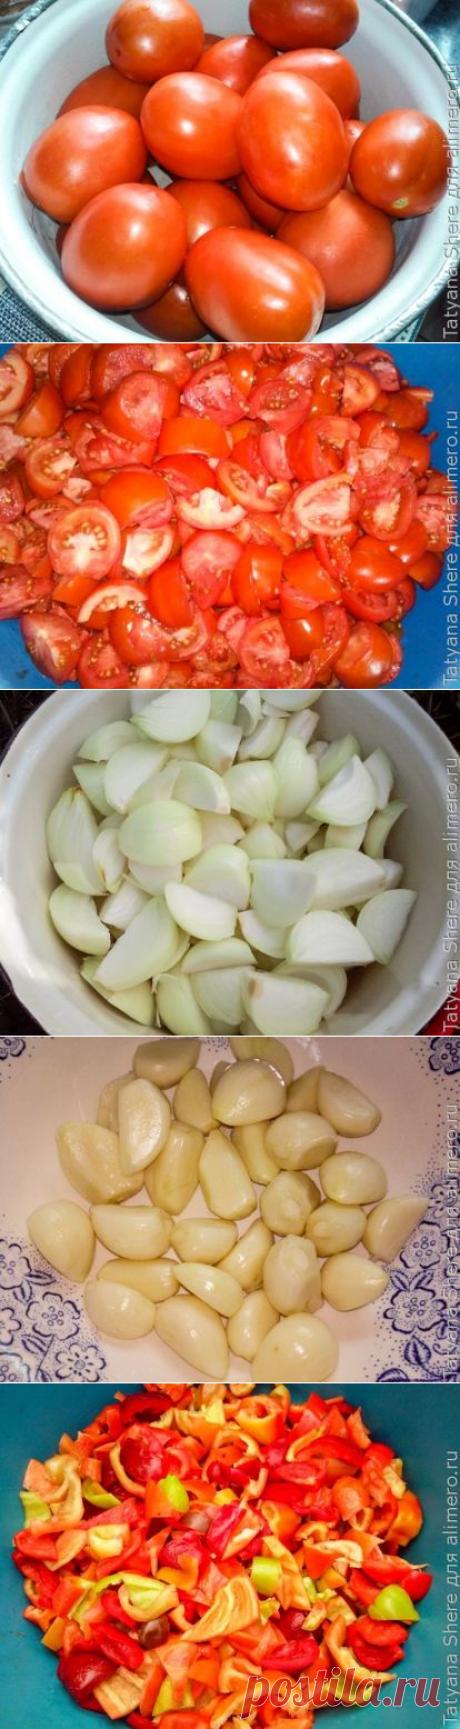 👌 Невероятно вкусный соус Сацебели из помидоров рецепт проще простого, рецепты с фото